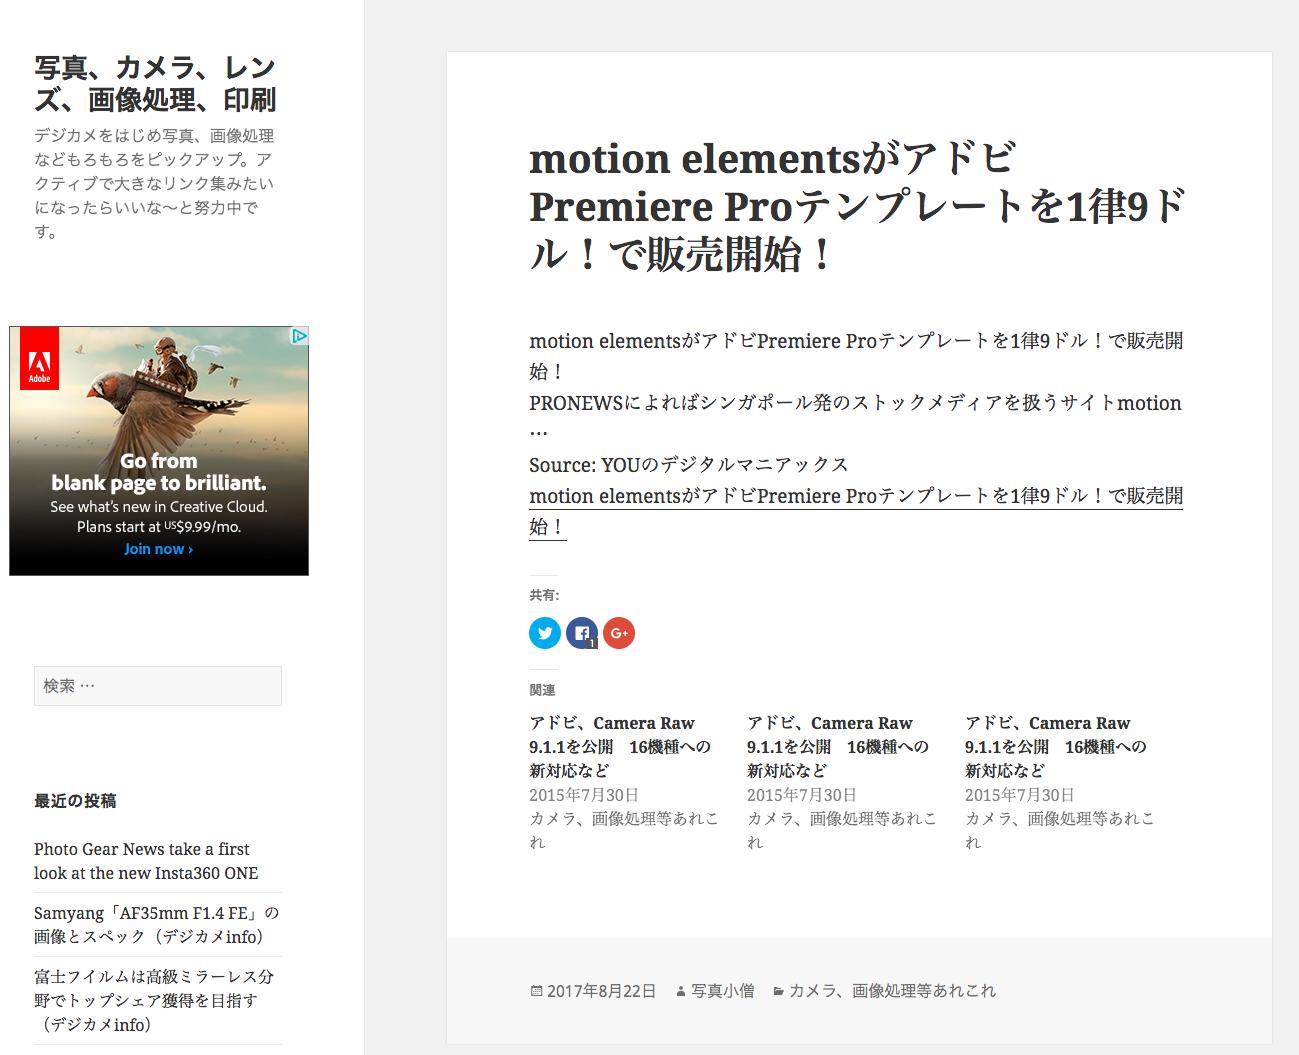 (日本語) p.rash.jp: motion elementsがアドビPremiere Proテンプレートを1律9ドル!で販売開始!